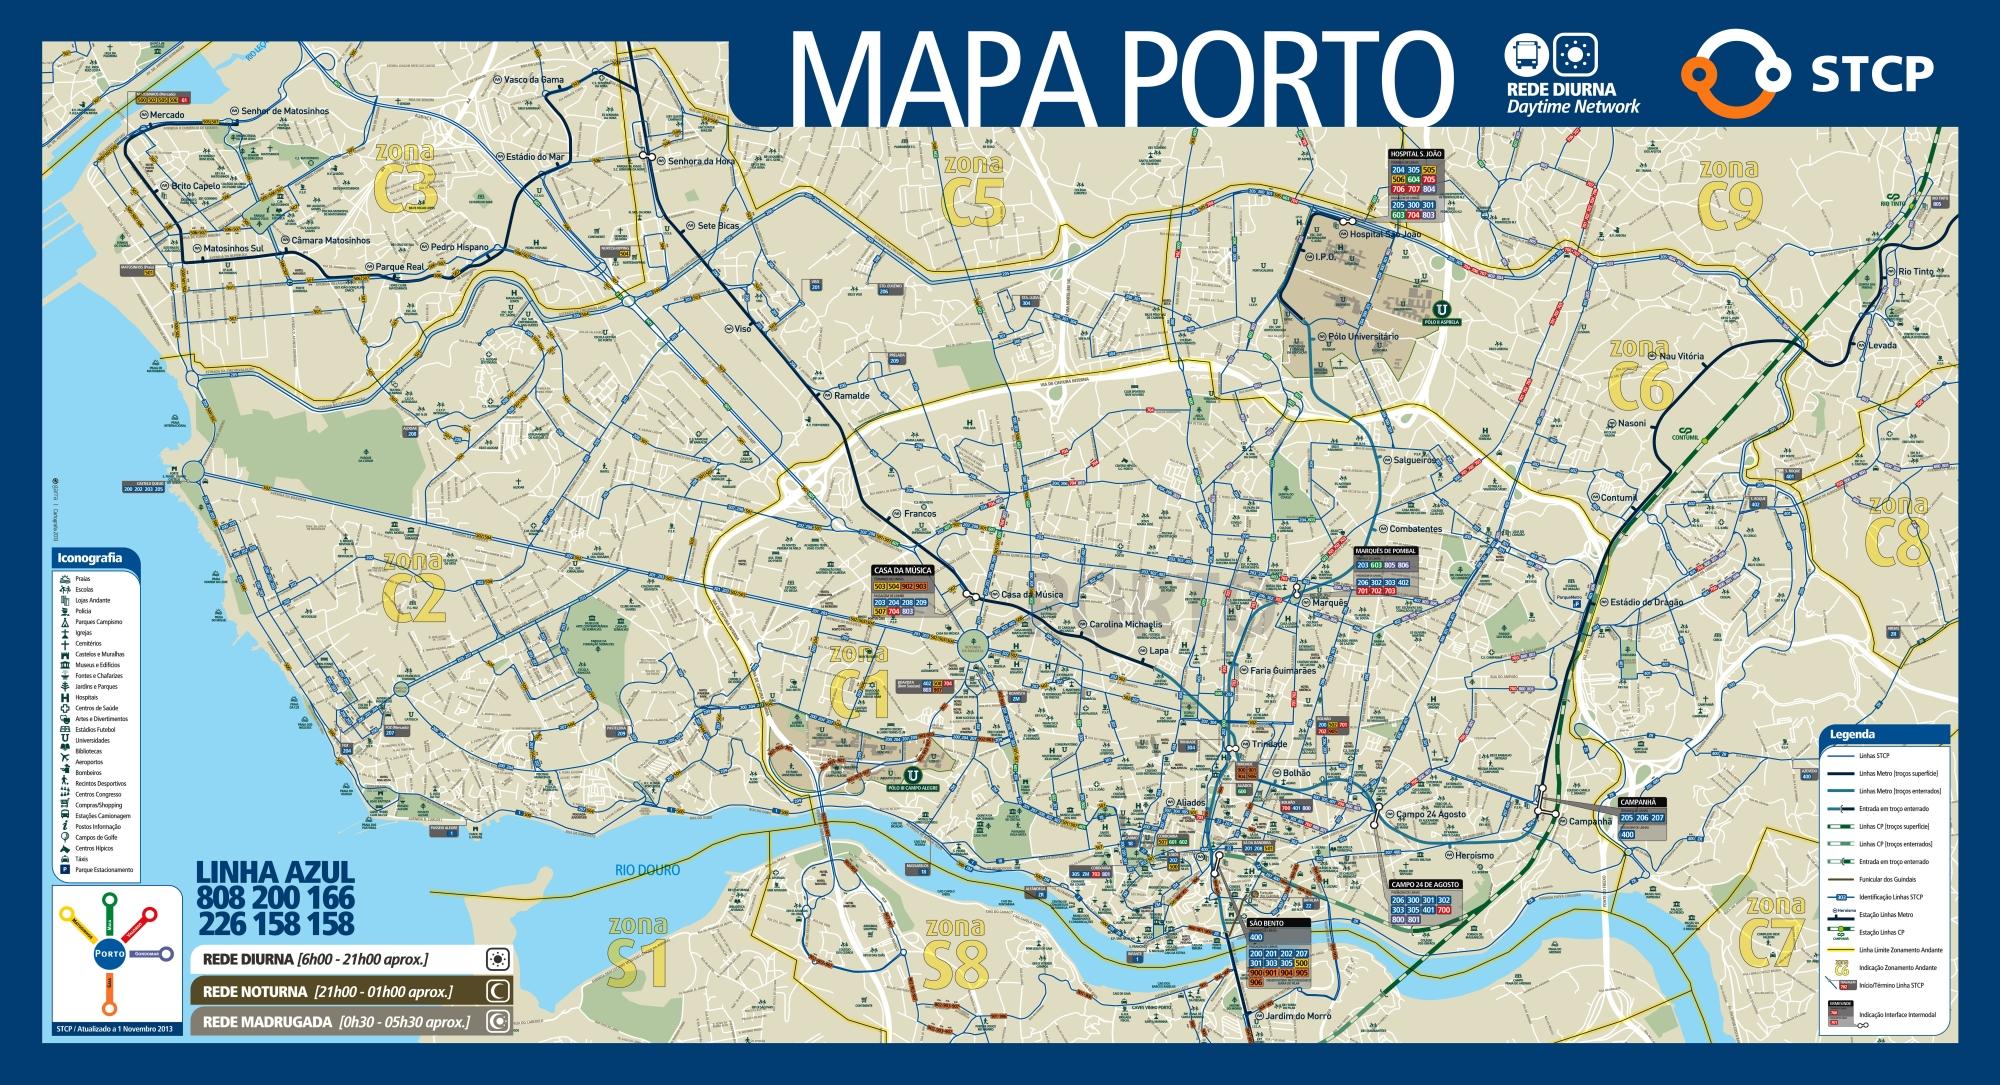 Porto zony strefy komunikacji miejskiej w centrum Porto podział komunikacja miejska ceny bilety rodzaje jak używać mapa plan